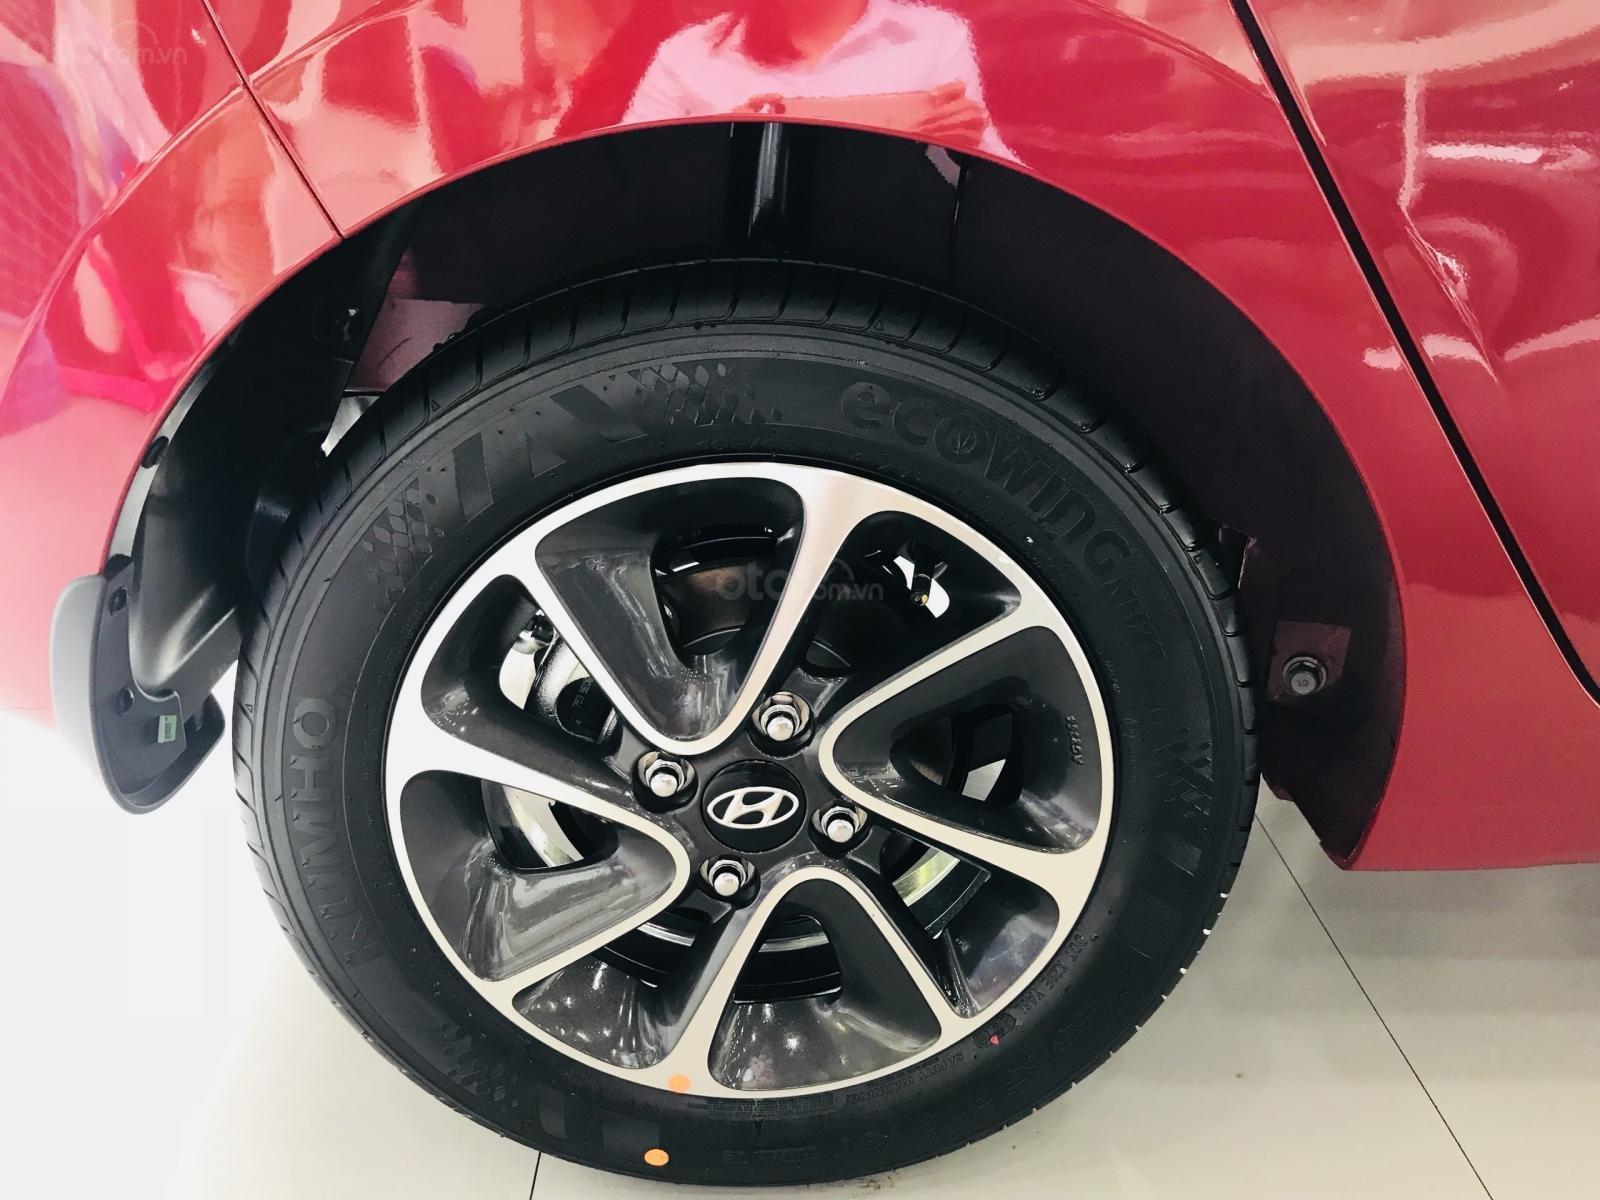 Giao xe ngay với Hyundai Grand i10 khuyến mãi cực sốc, hotline: 0974064605 (3)